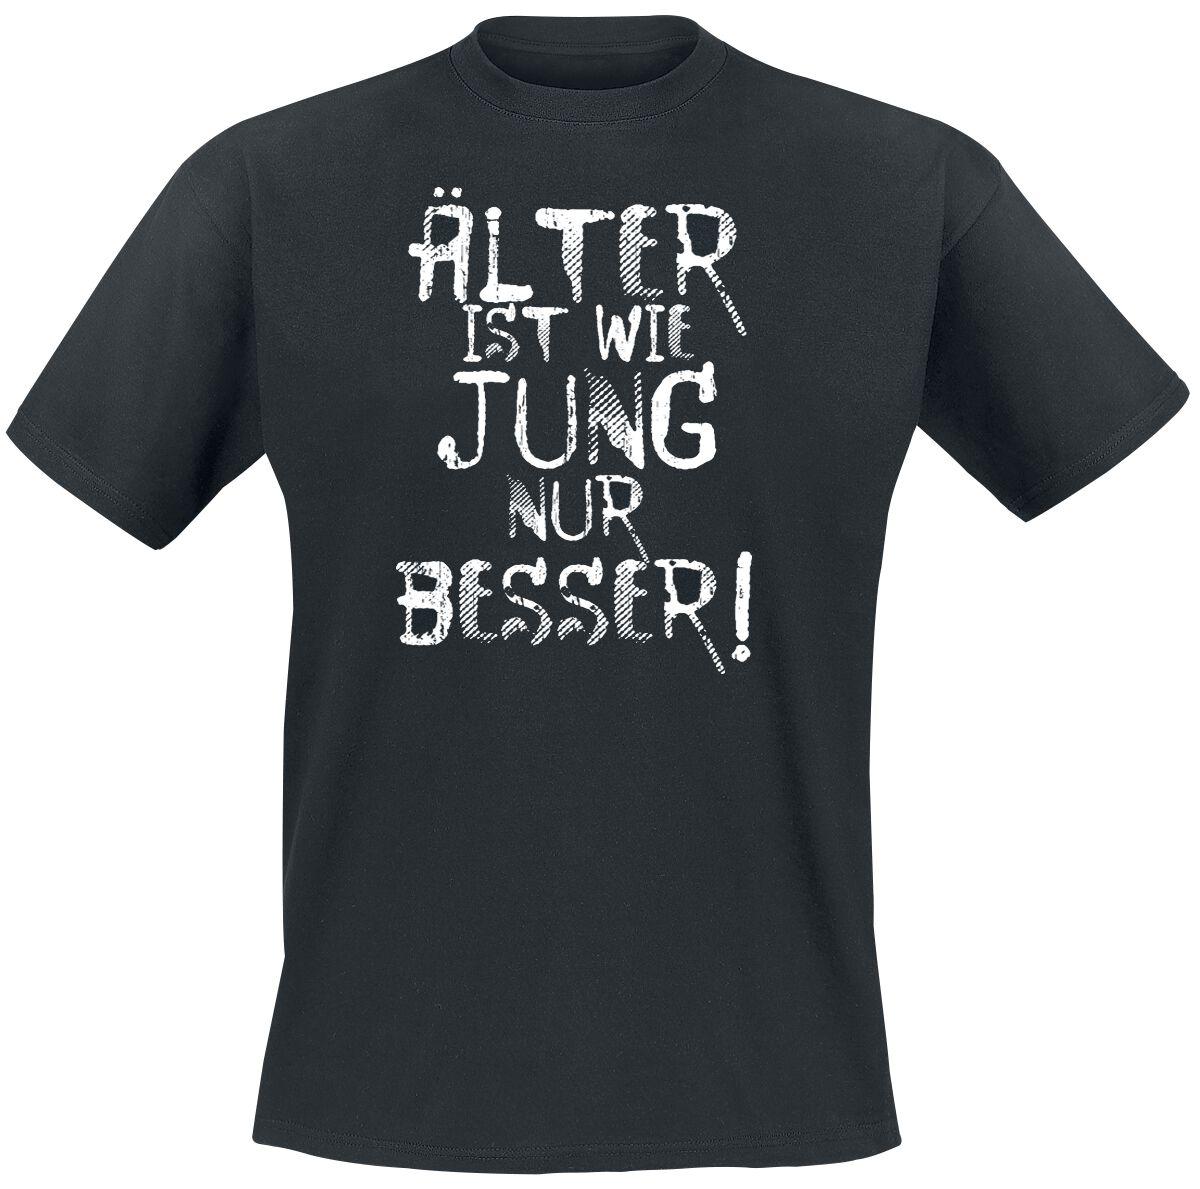 Älter ist wie jung nur besser! T-Shirt schwarz